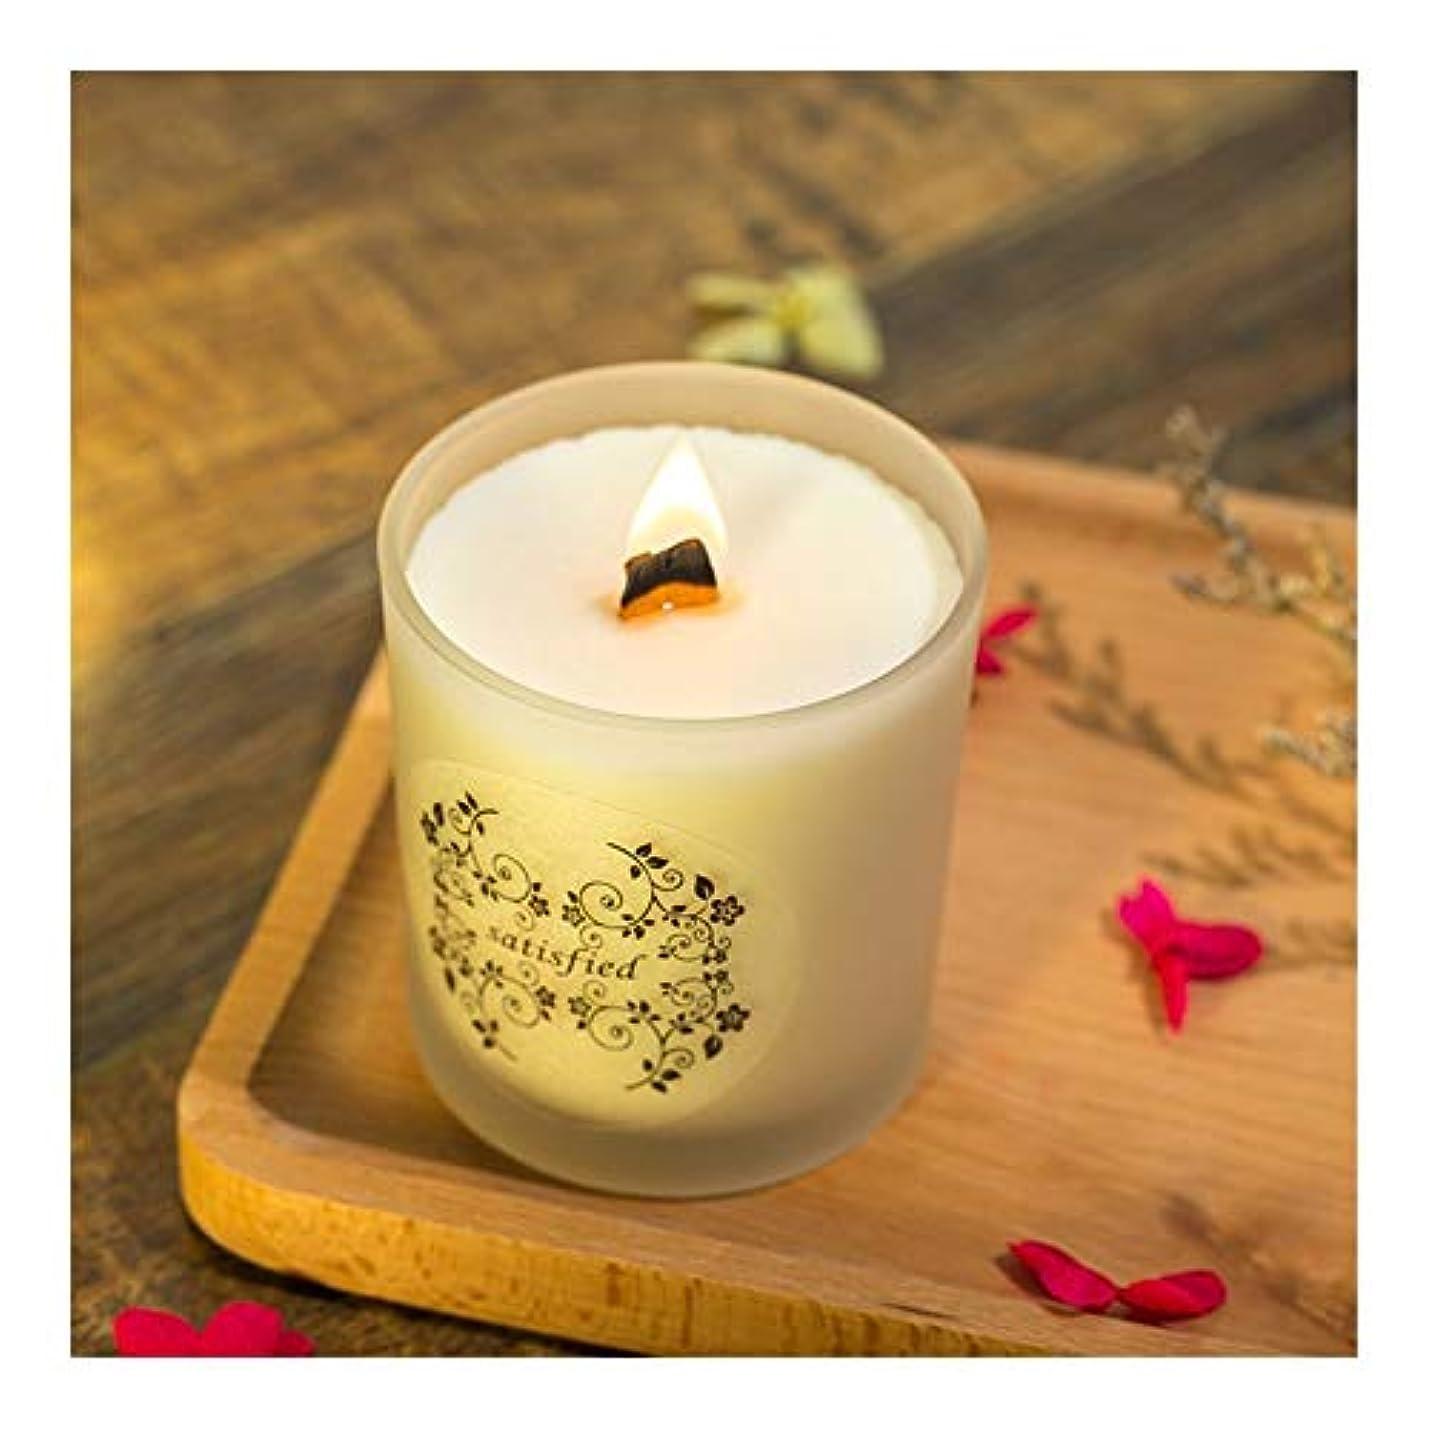 石膏ほめるリラックスZtian 大豆香料入りキャンドルロマンチックな香料入りキャンドル輸入エッセンシャルオイルキャンドルアロマセラピーガラス無煙 (色 : Lavender)